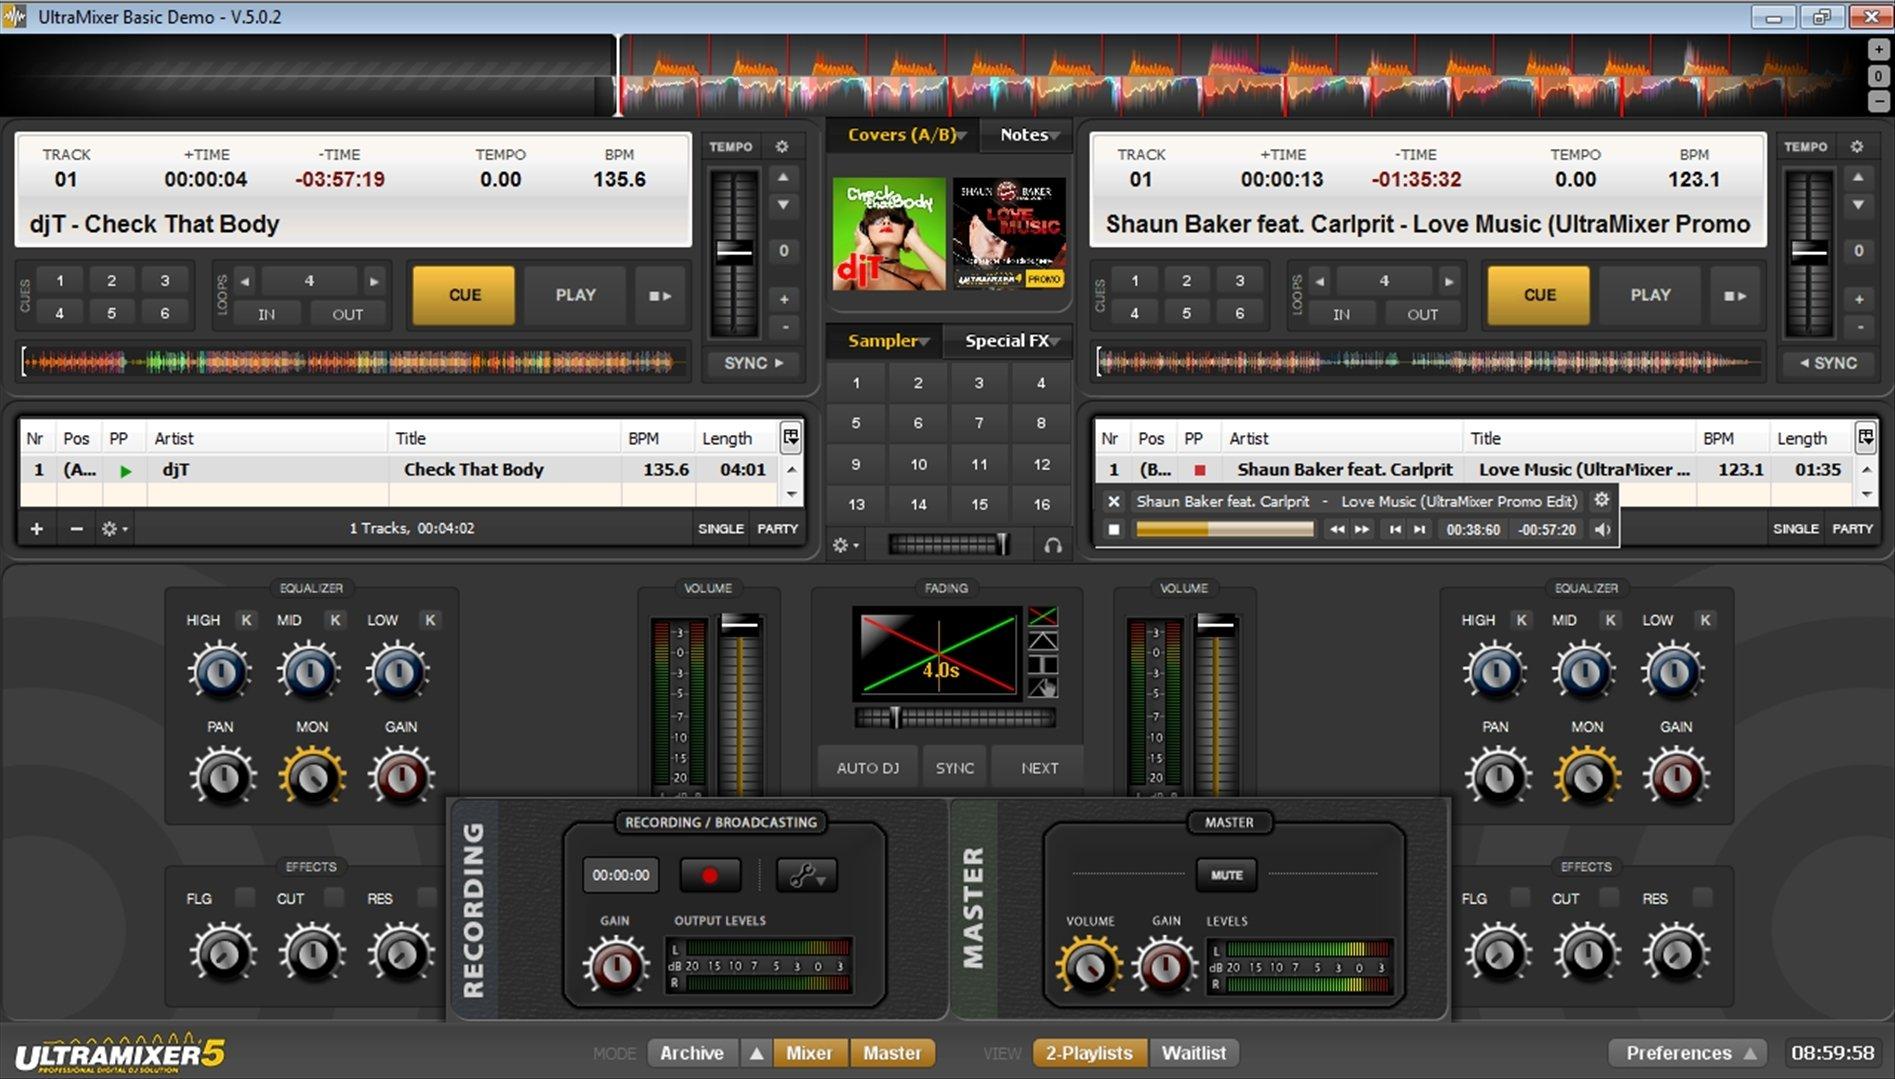 UltraMixer 5.0.2